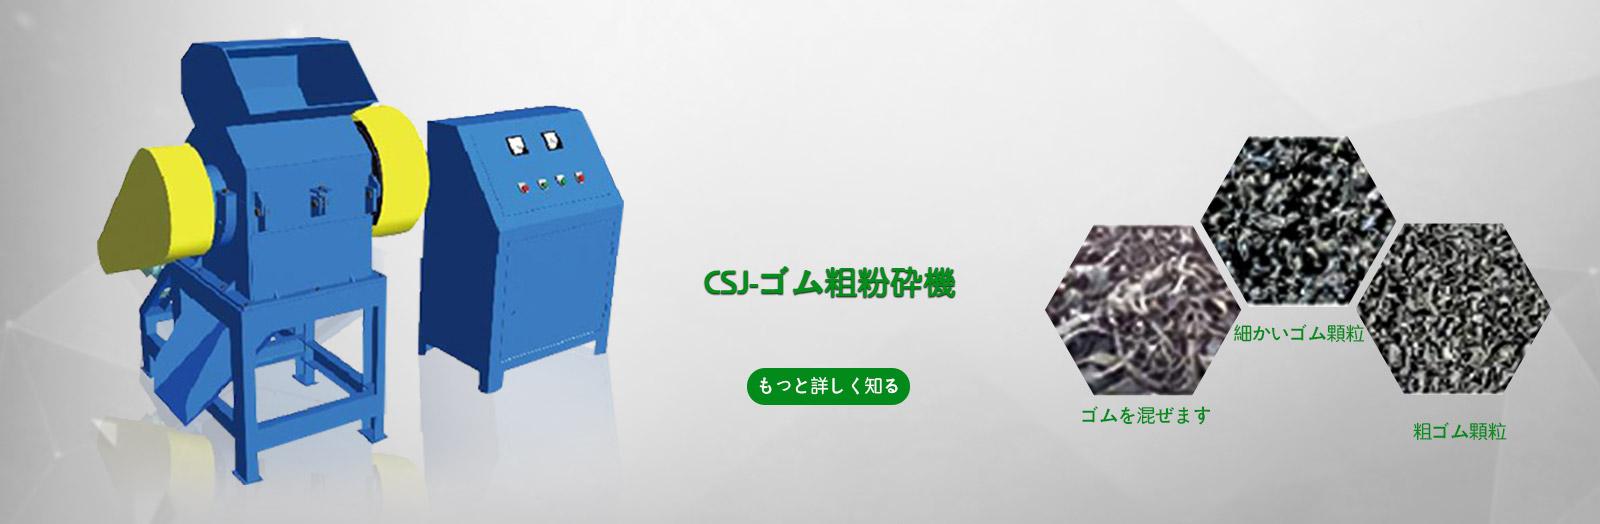 首页滚动banner日语